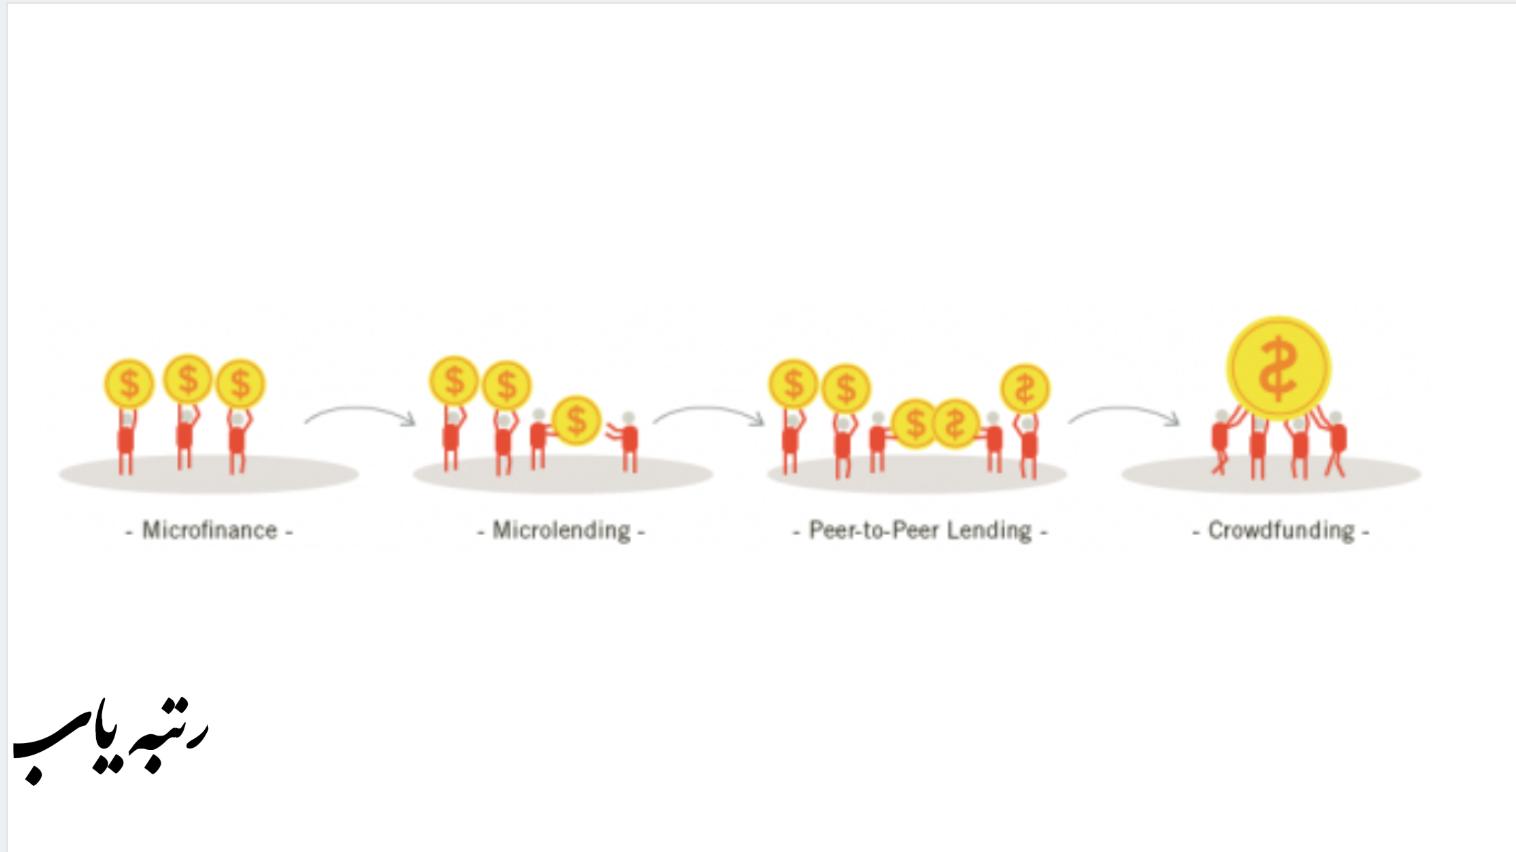 (crowdfunding) سیر تکاملی سرمایه گذاری جمعی